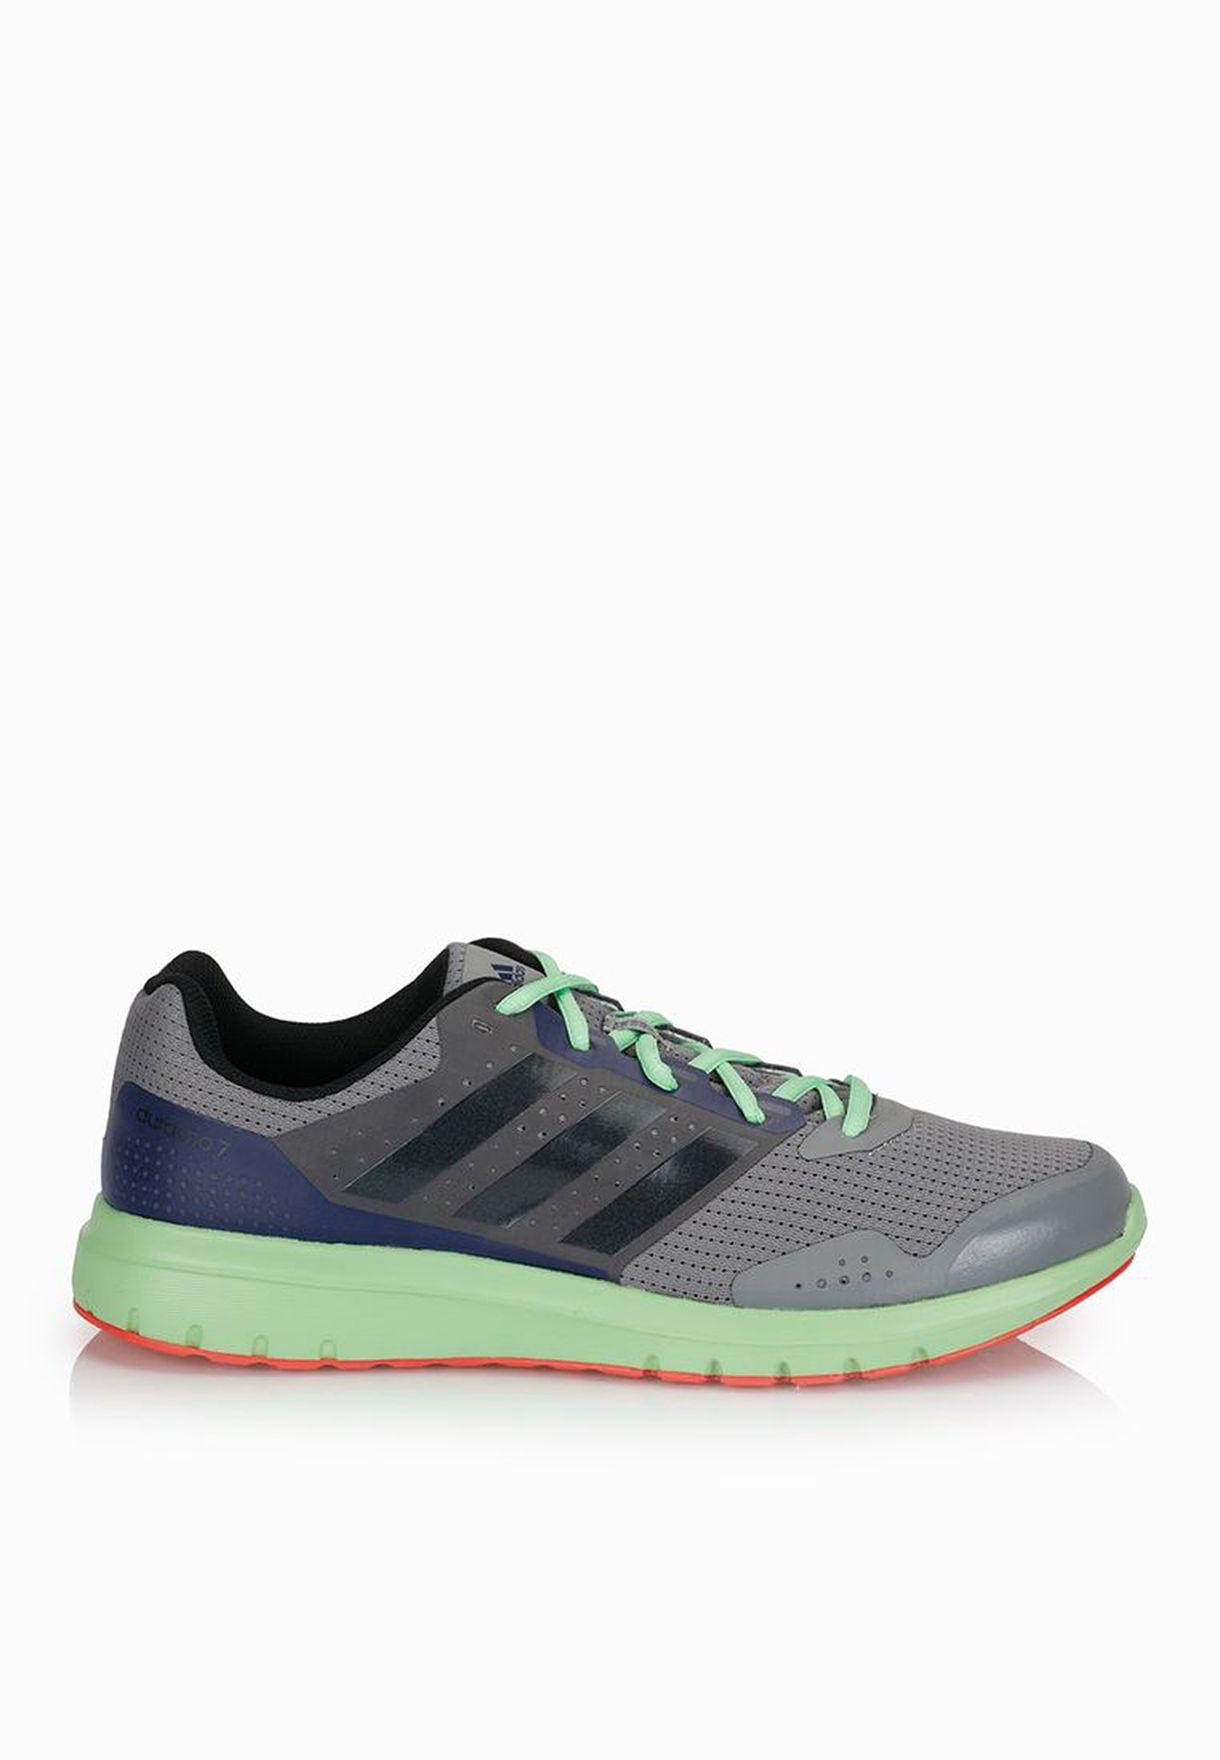 new product 7dd55 d1c7d Shop adidas grey Duramo 7 M B33555 for Men in UAE - AD476SH2